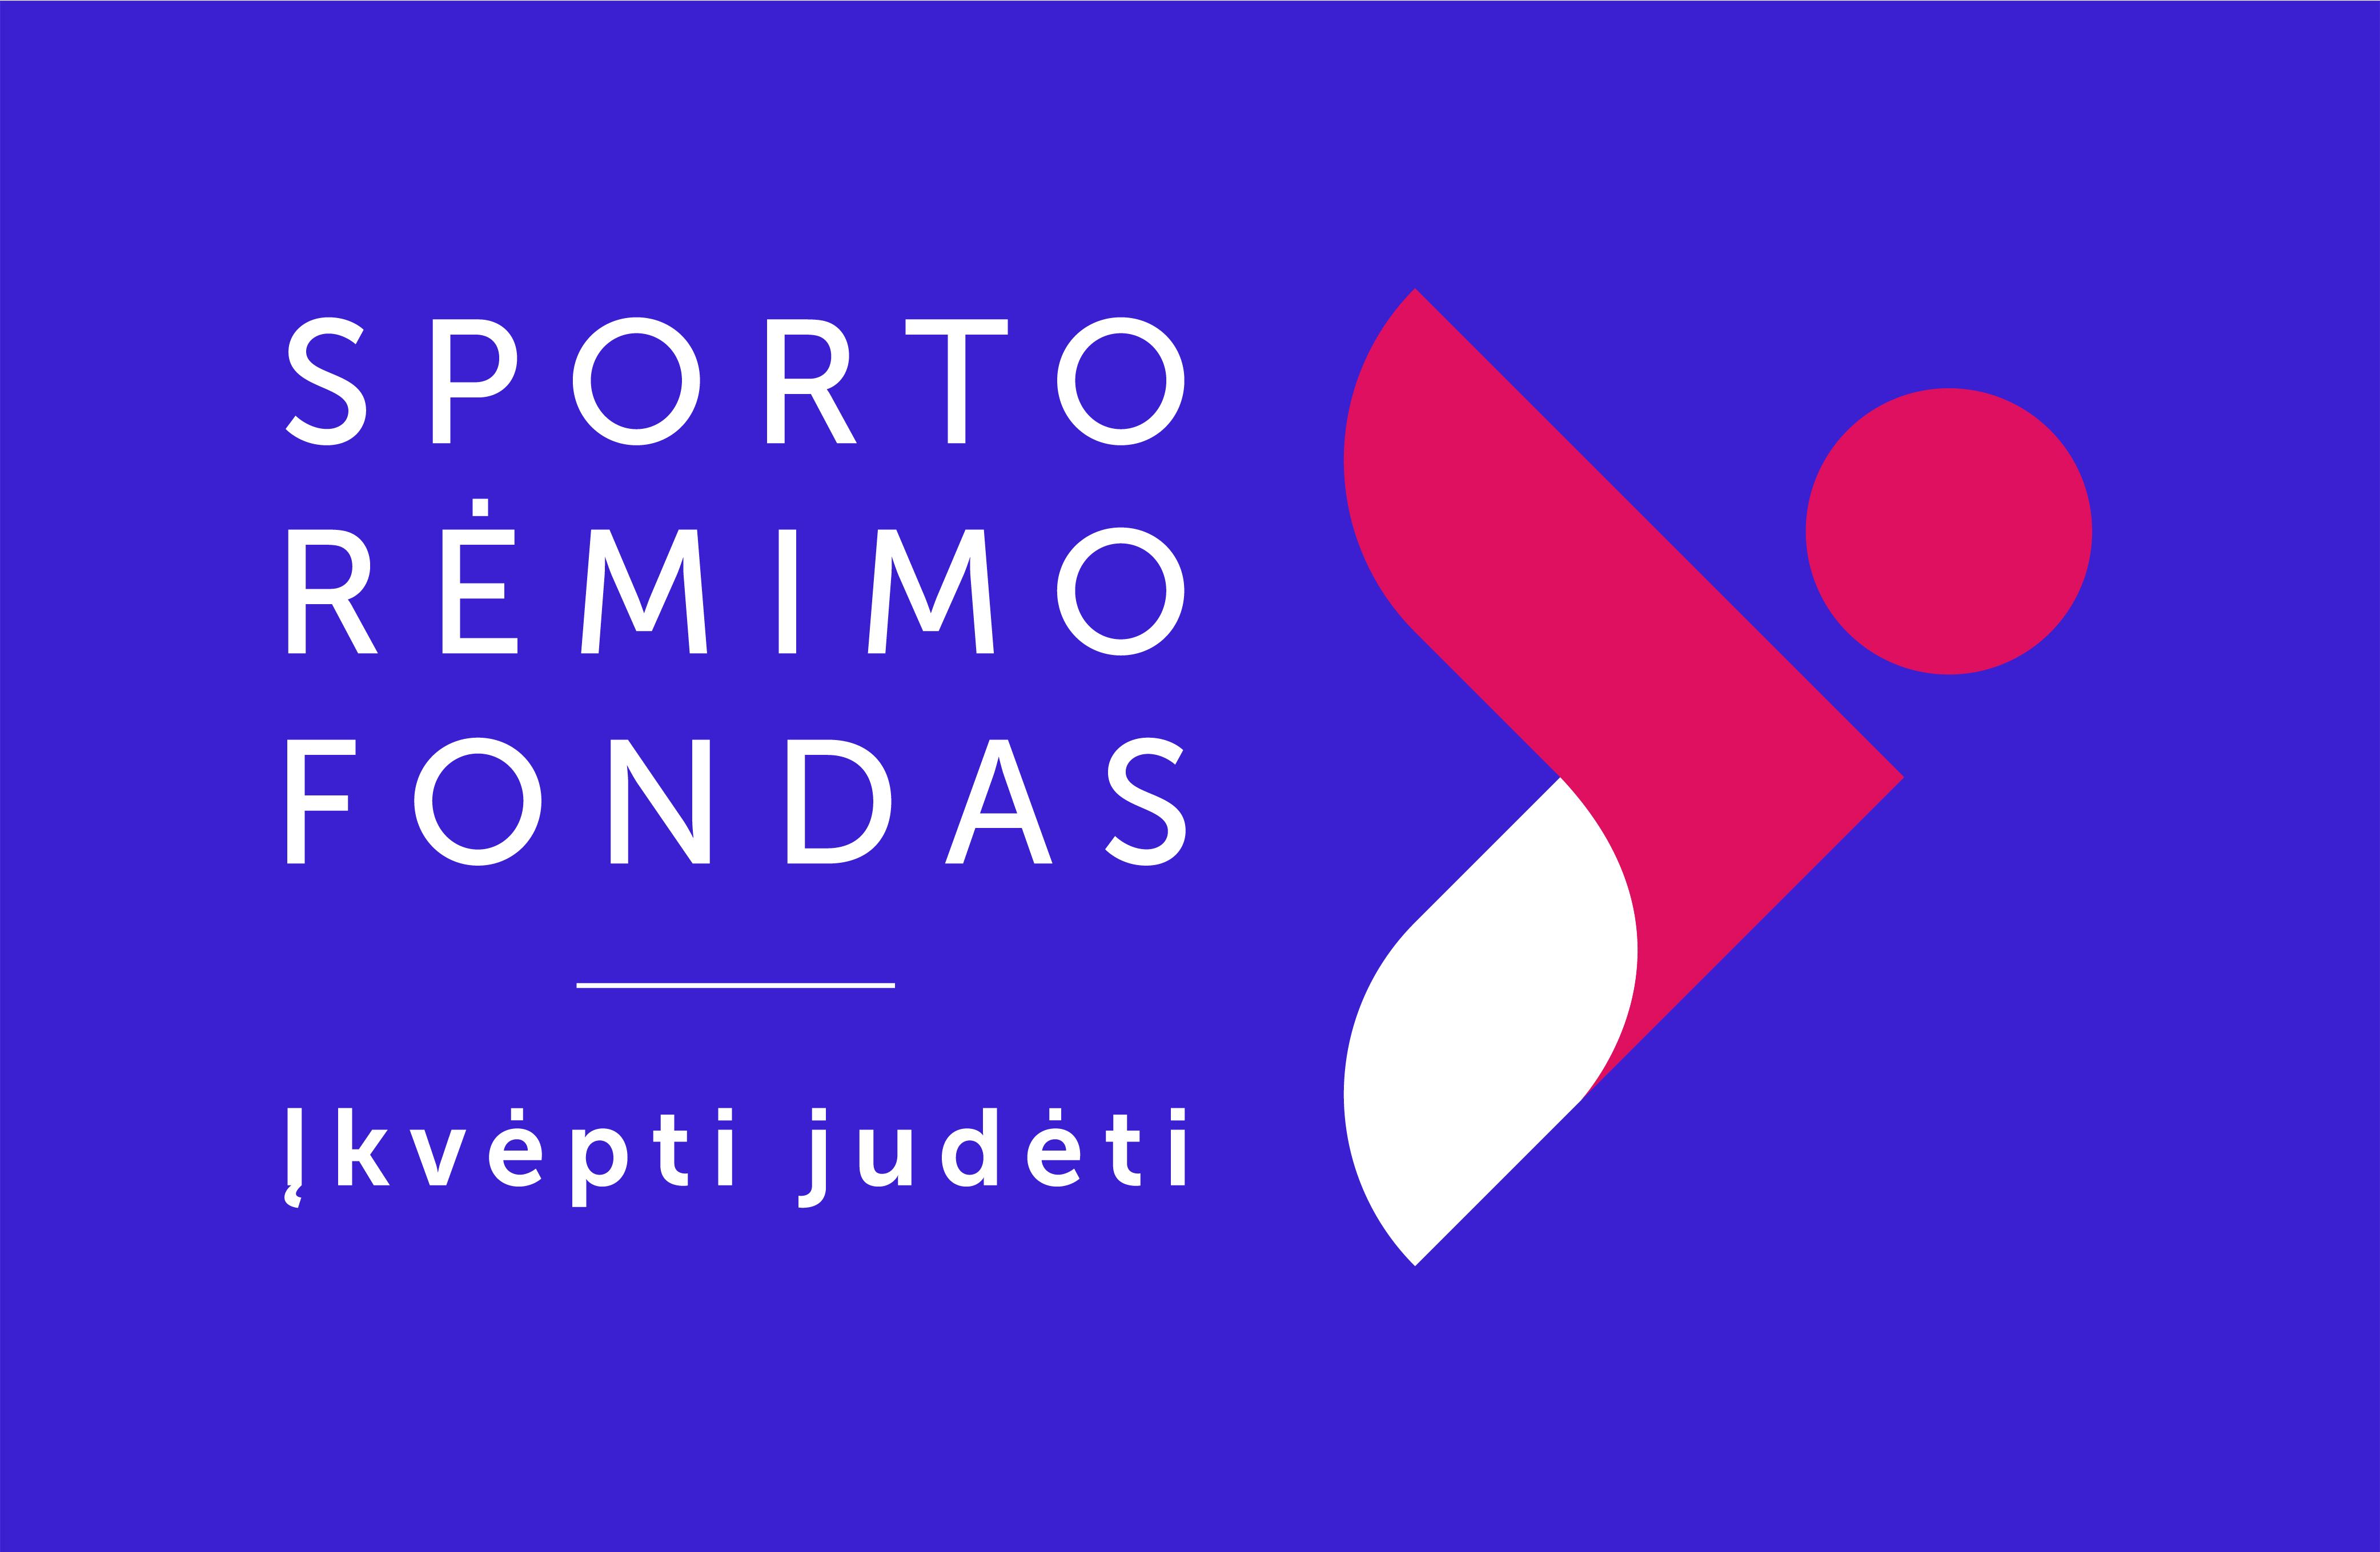 Sporto rėmino fondas